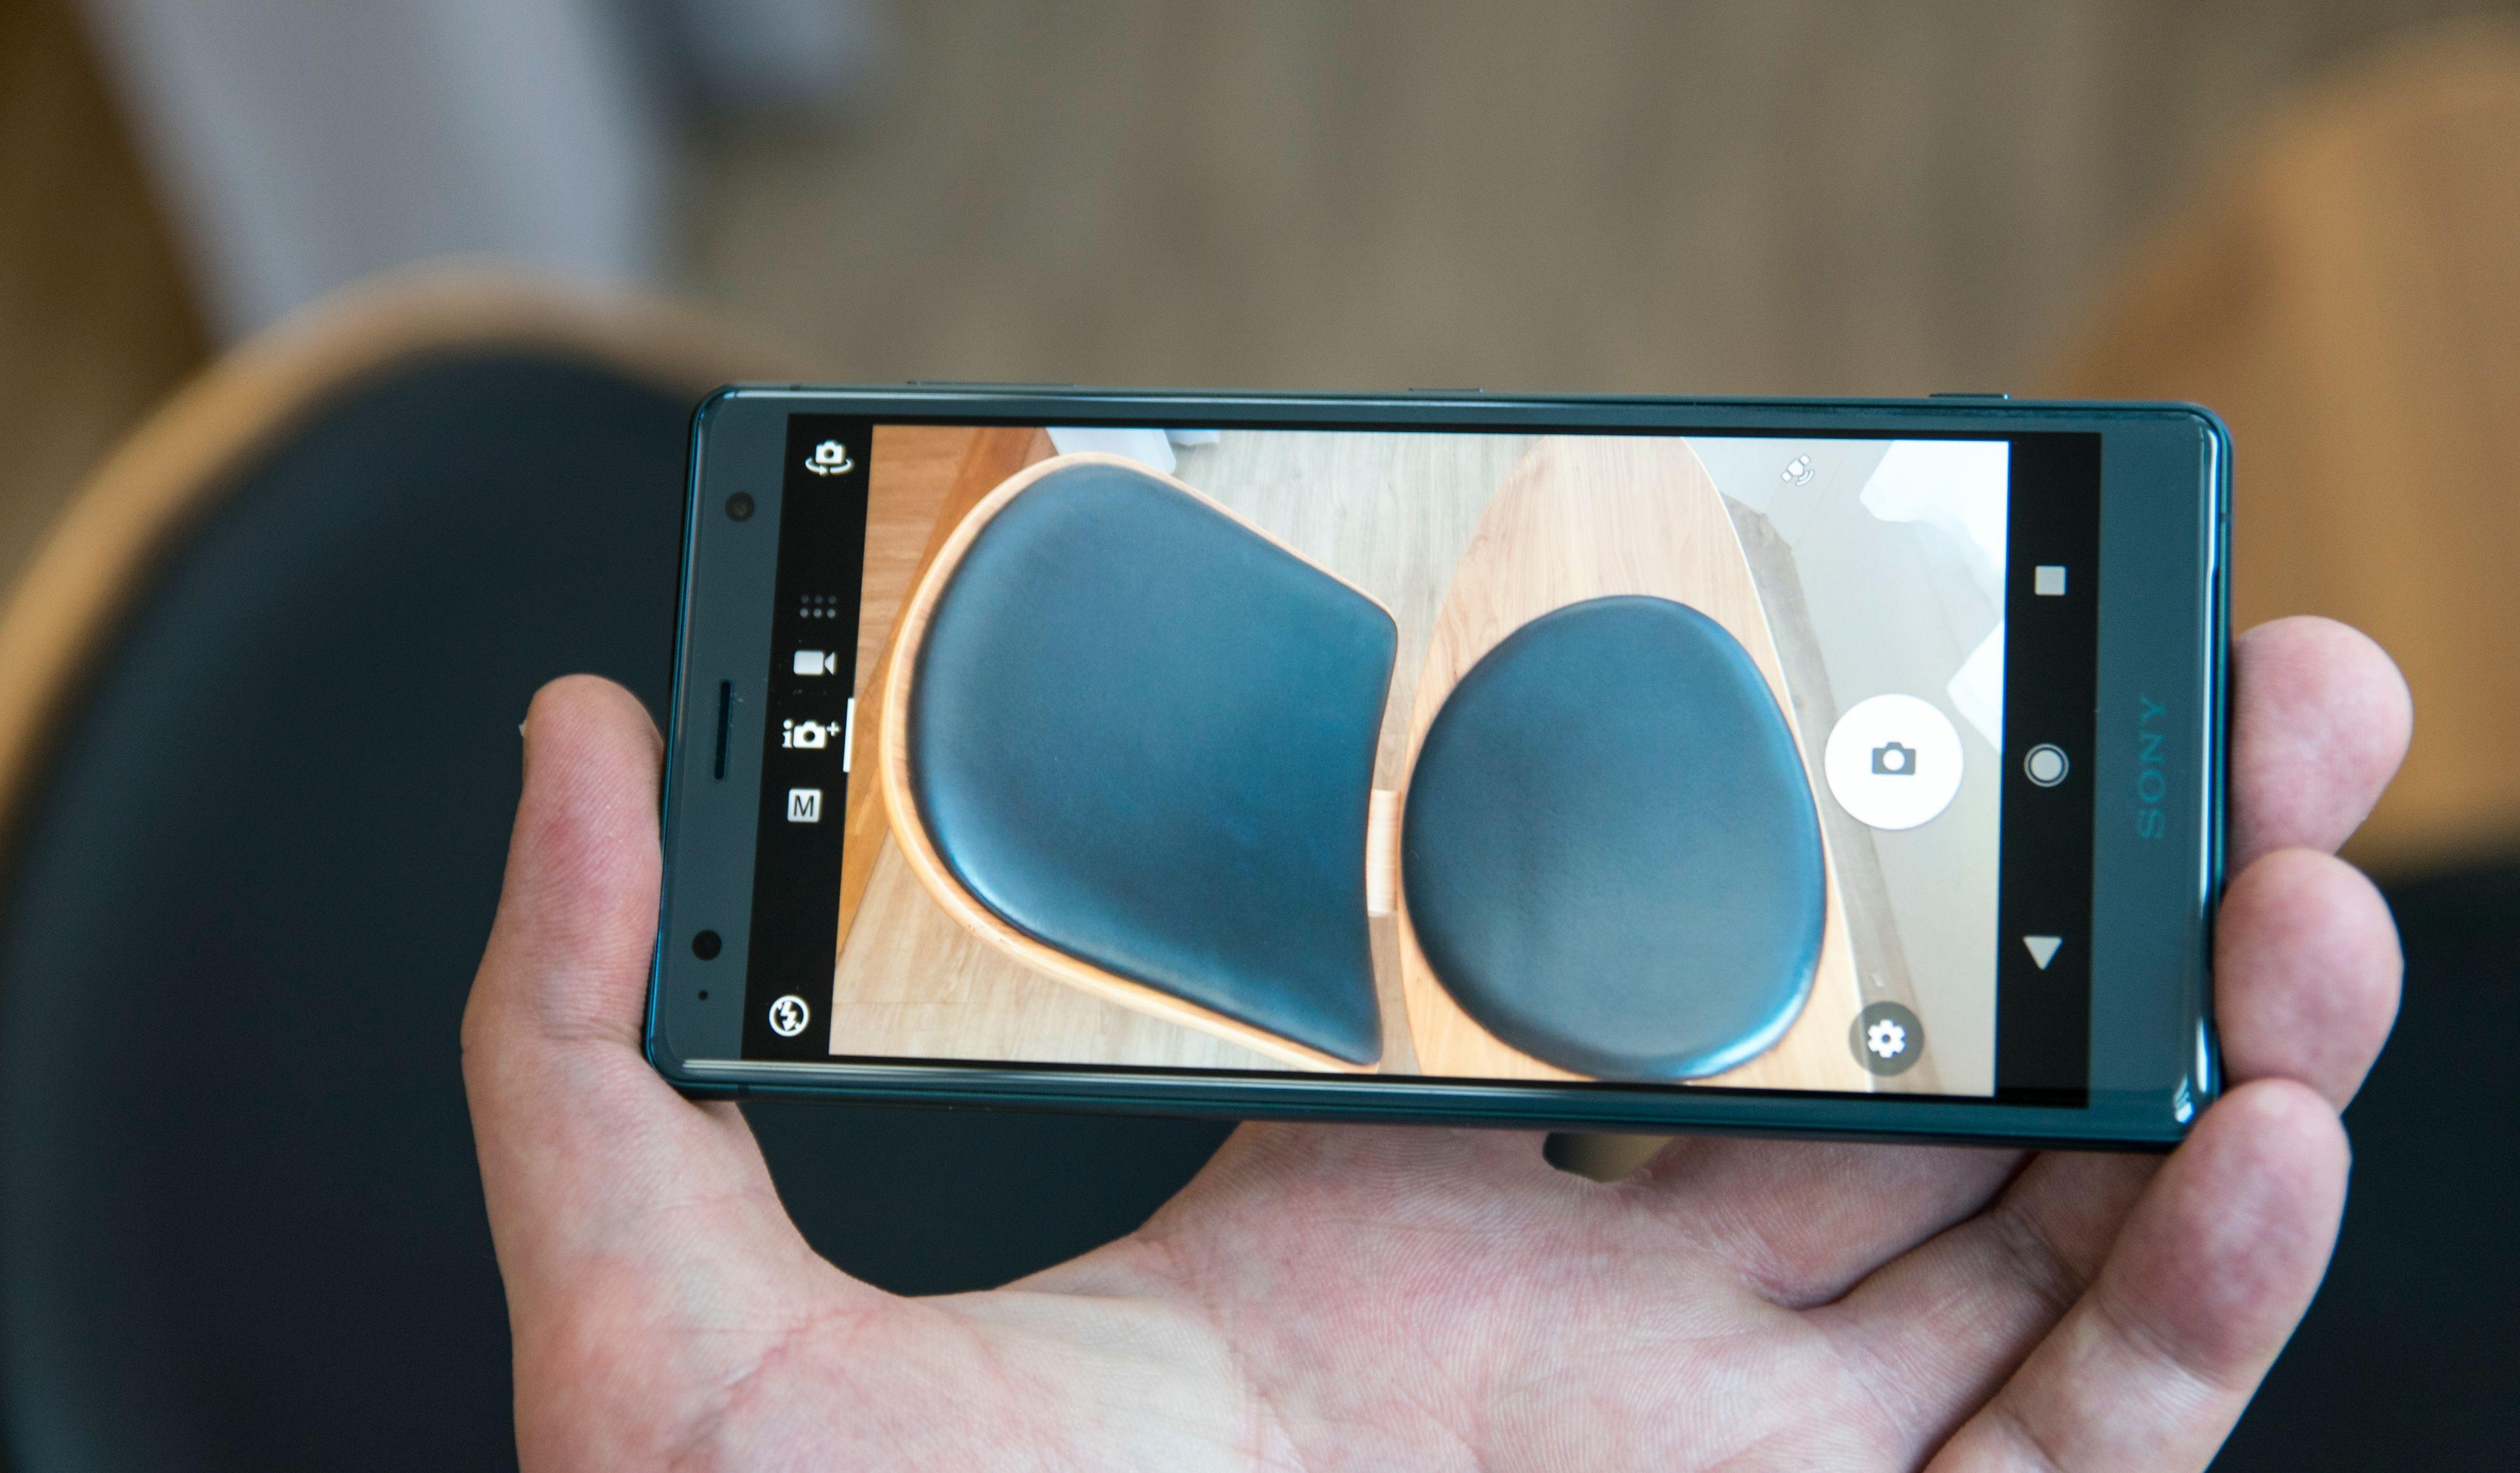 Kameraet er det samme som før, men det har fått seg noen oppdateringer i programvaren, og en raskere prosessor betyr at det kan ta seg tid til mer digital opprydning i bilder og mer avanserte videofunksjoner.